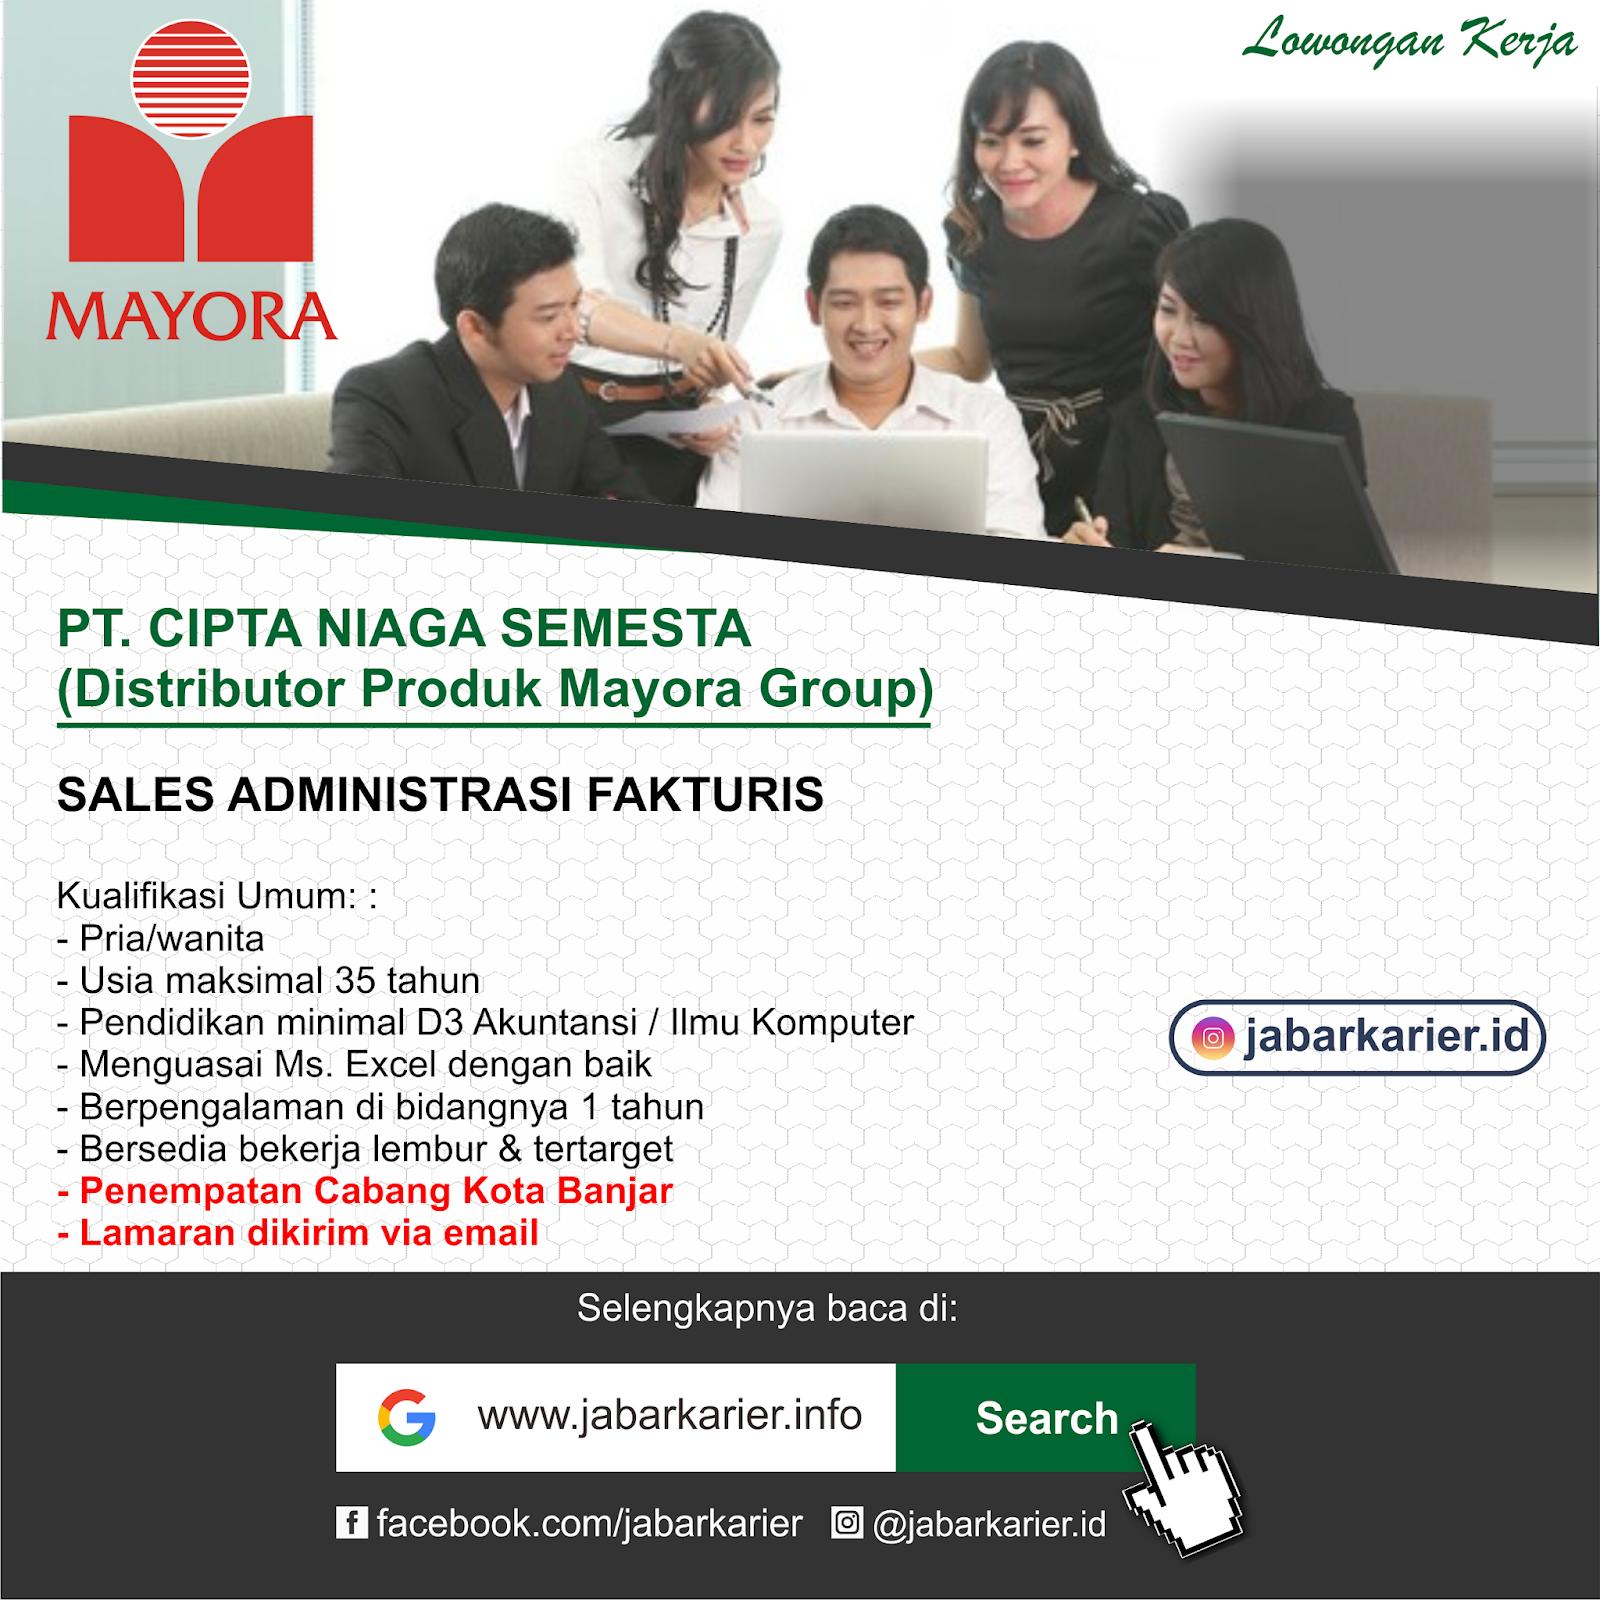 Lowongan Kerja Pt Mayora Kota Banjar Jawa Barat Lowongan Kerja Terbaru Tahun 2020 Informasi Rekrutmen Cpns Pppk 2020